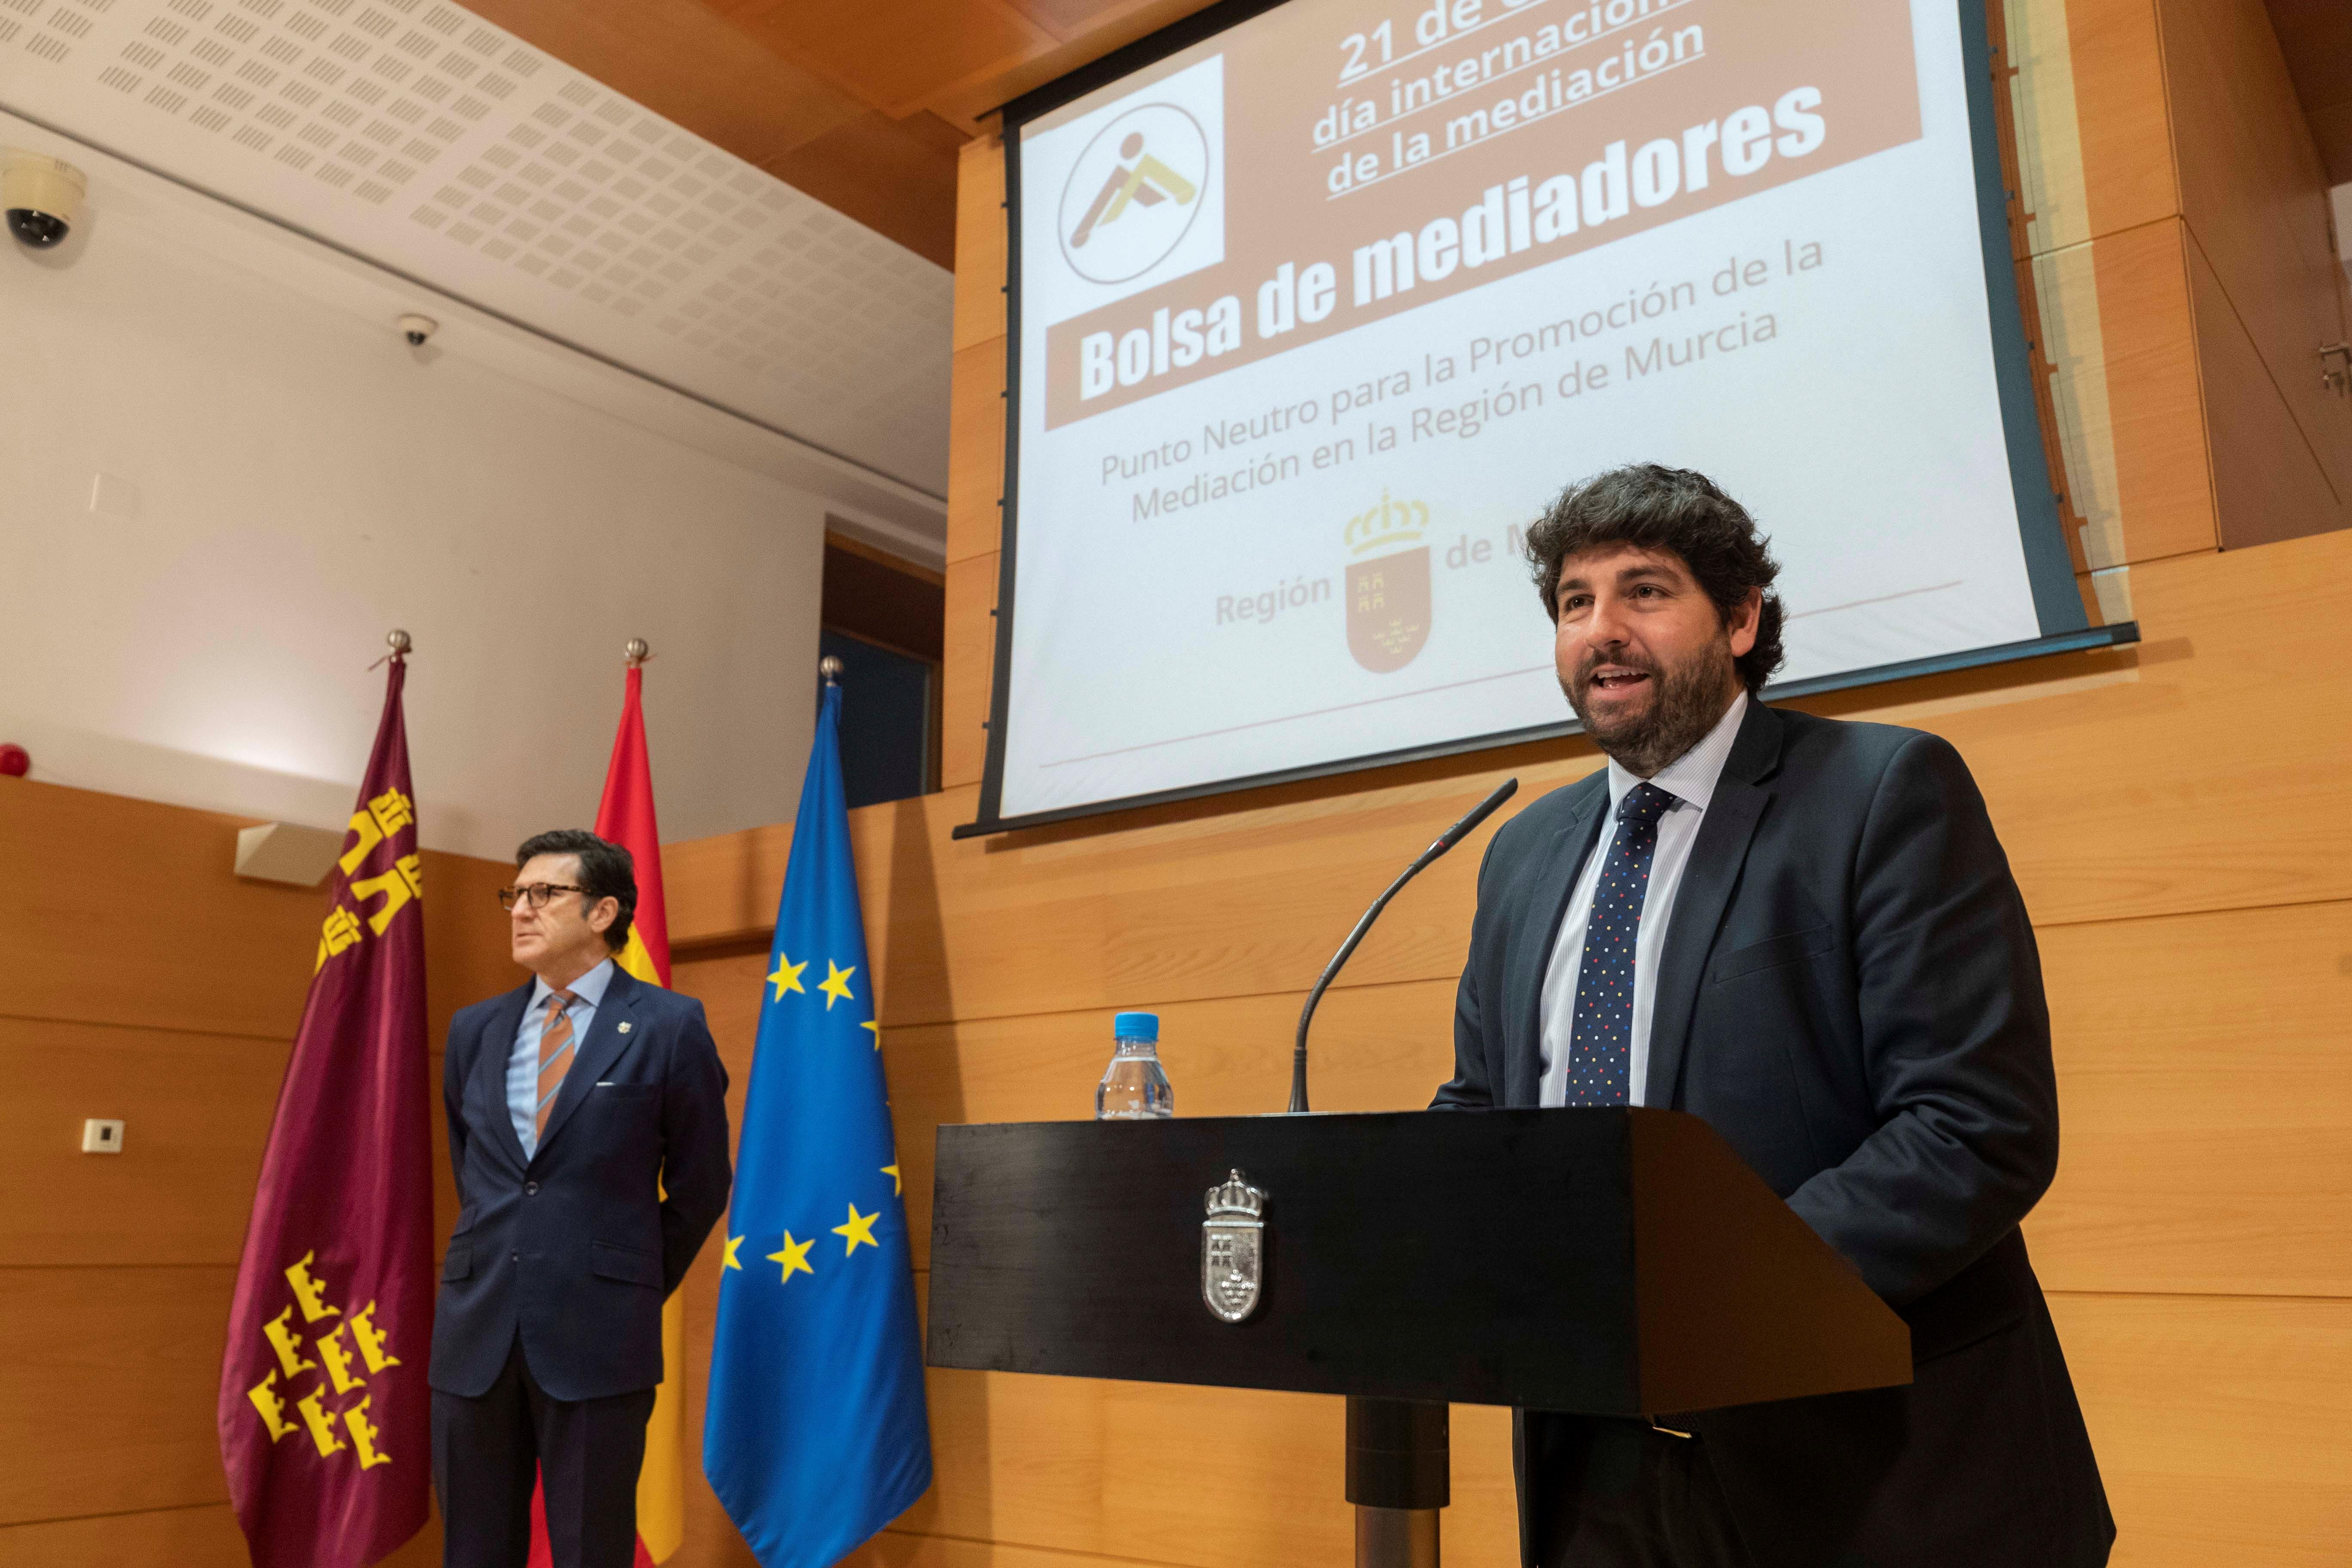 presentación de la bolsa de mediadores